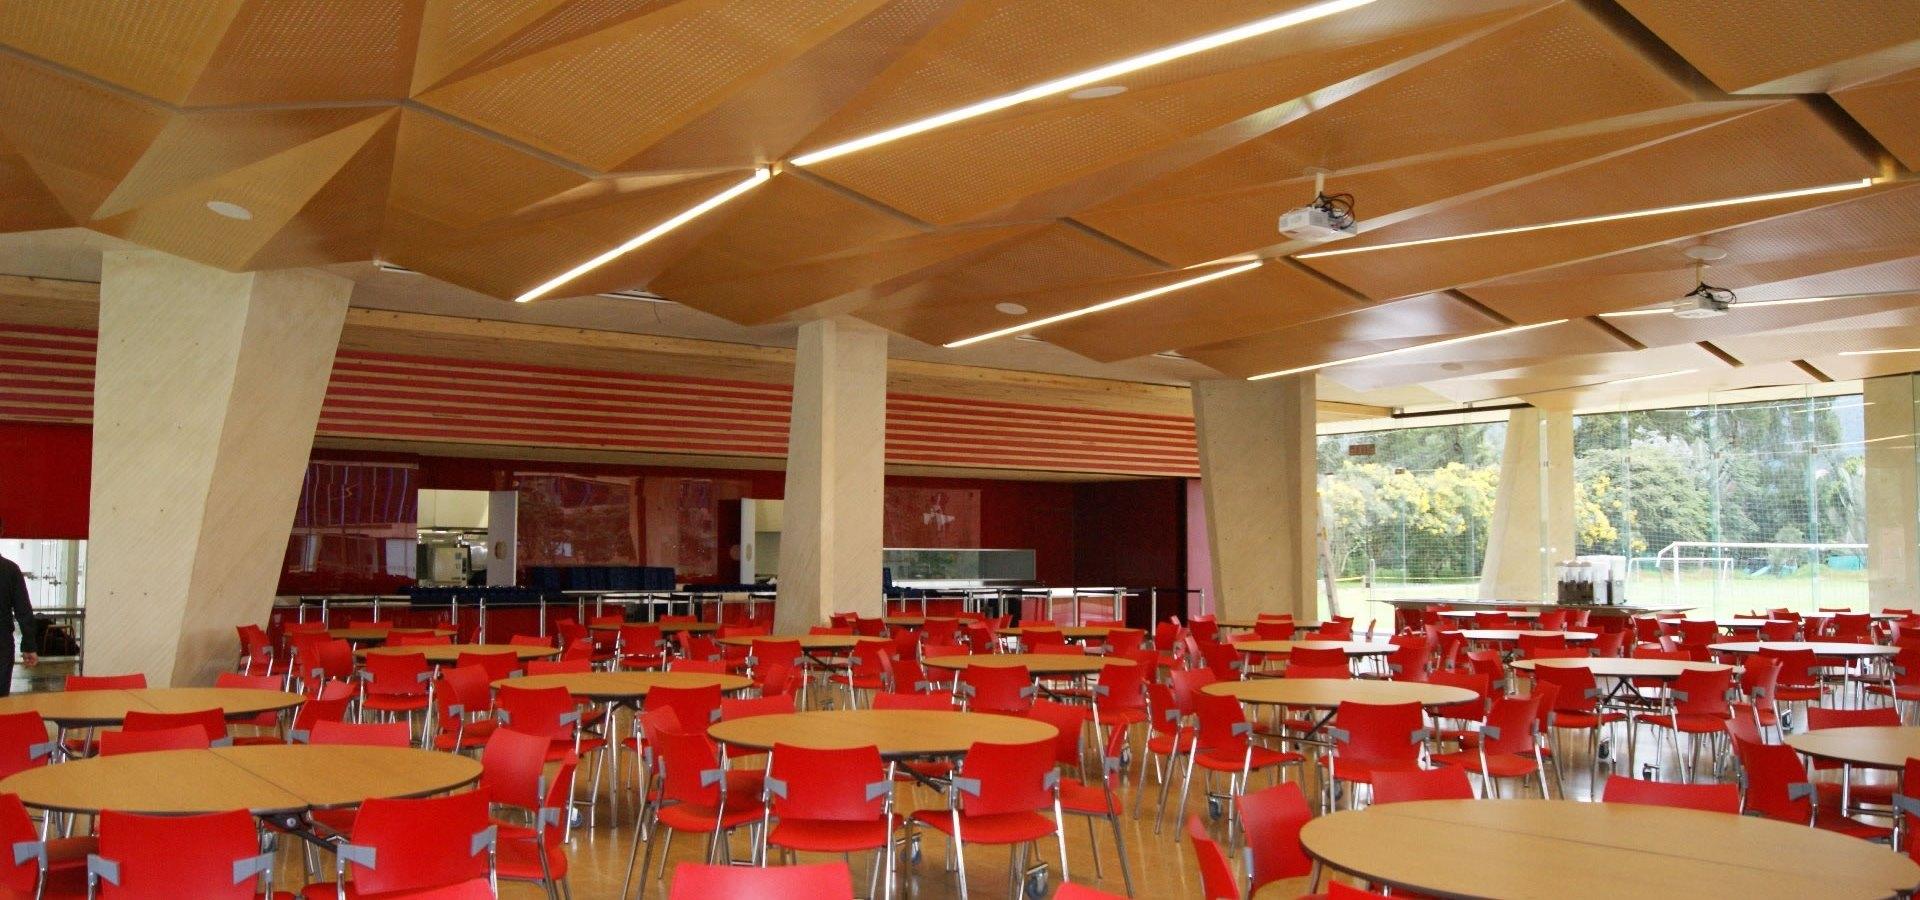 Muebles y Acabados Arquitectnicos  Cafetera Colegio